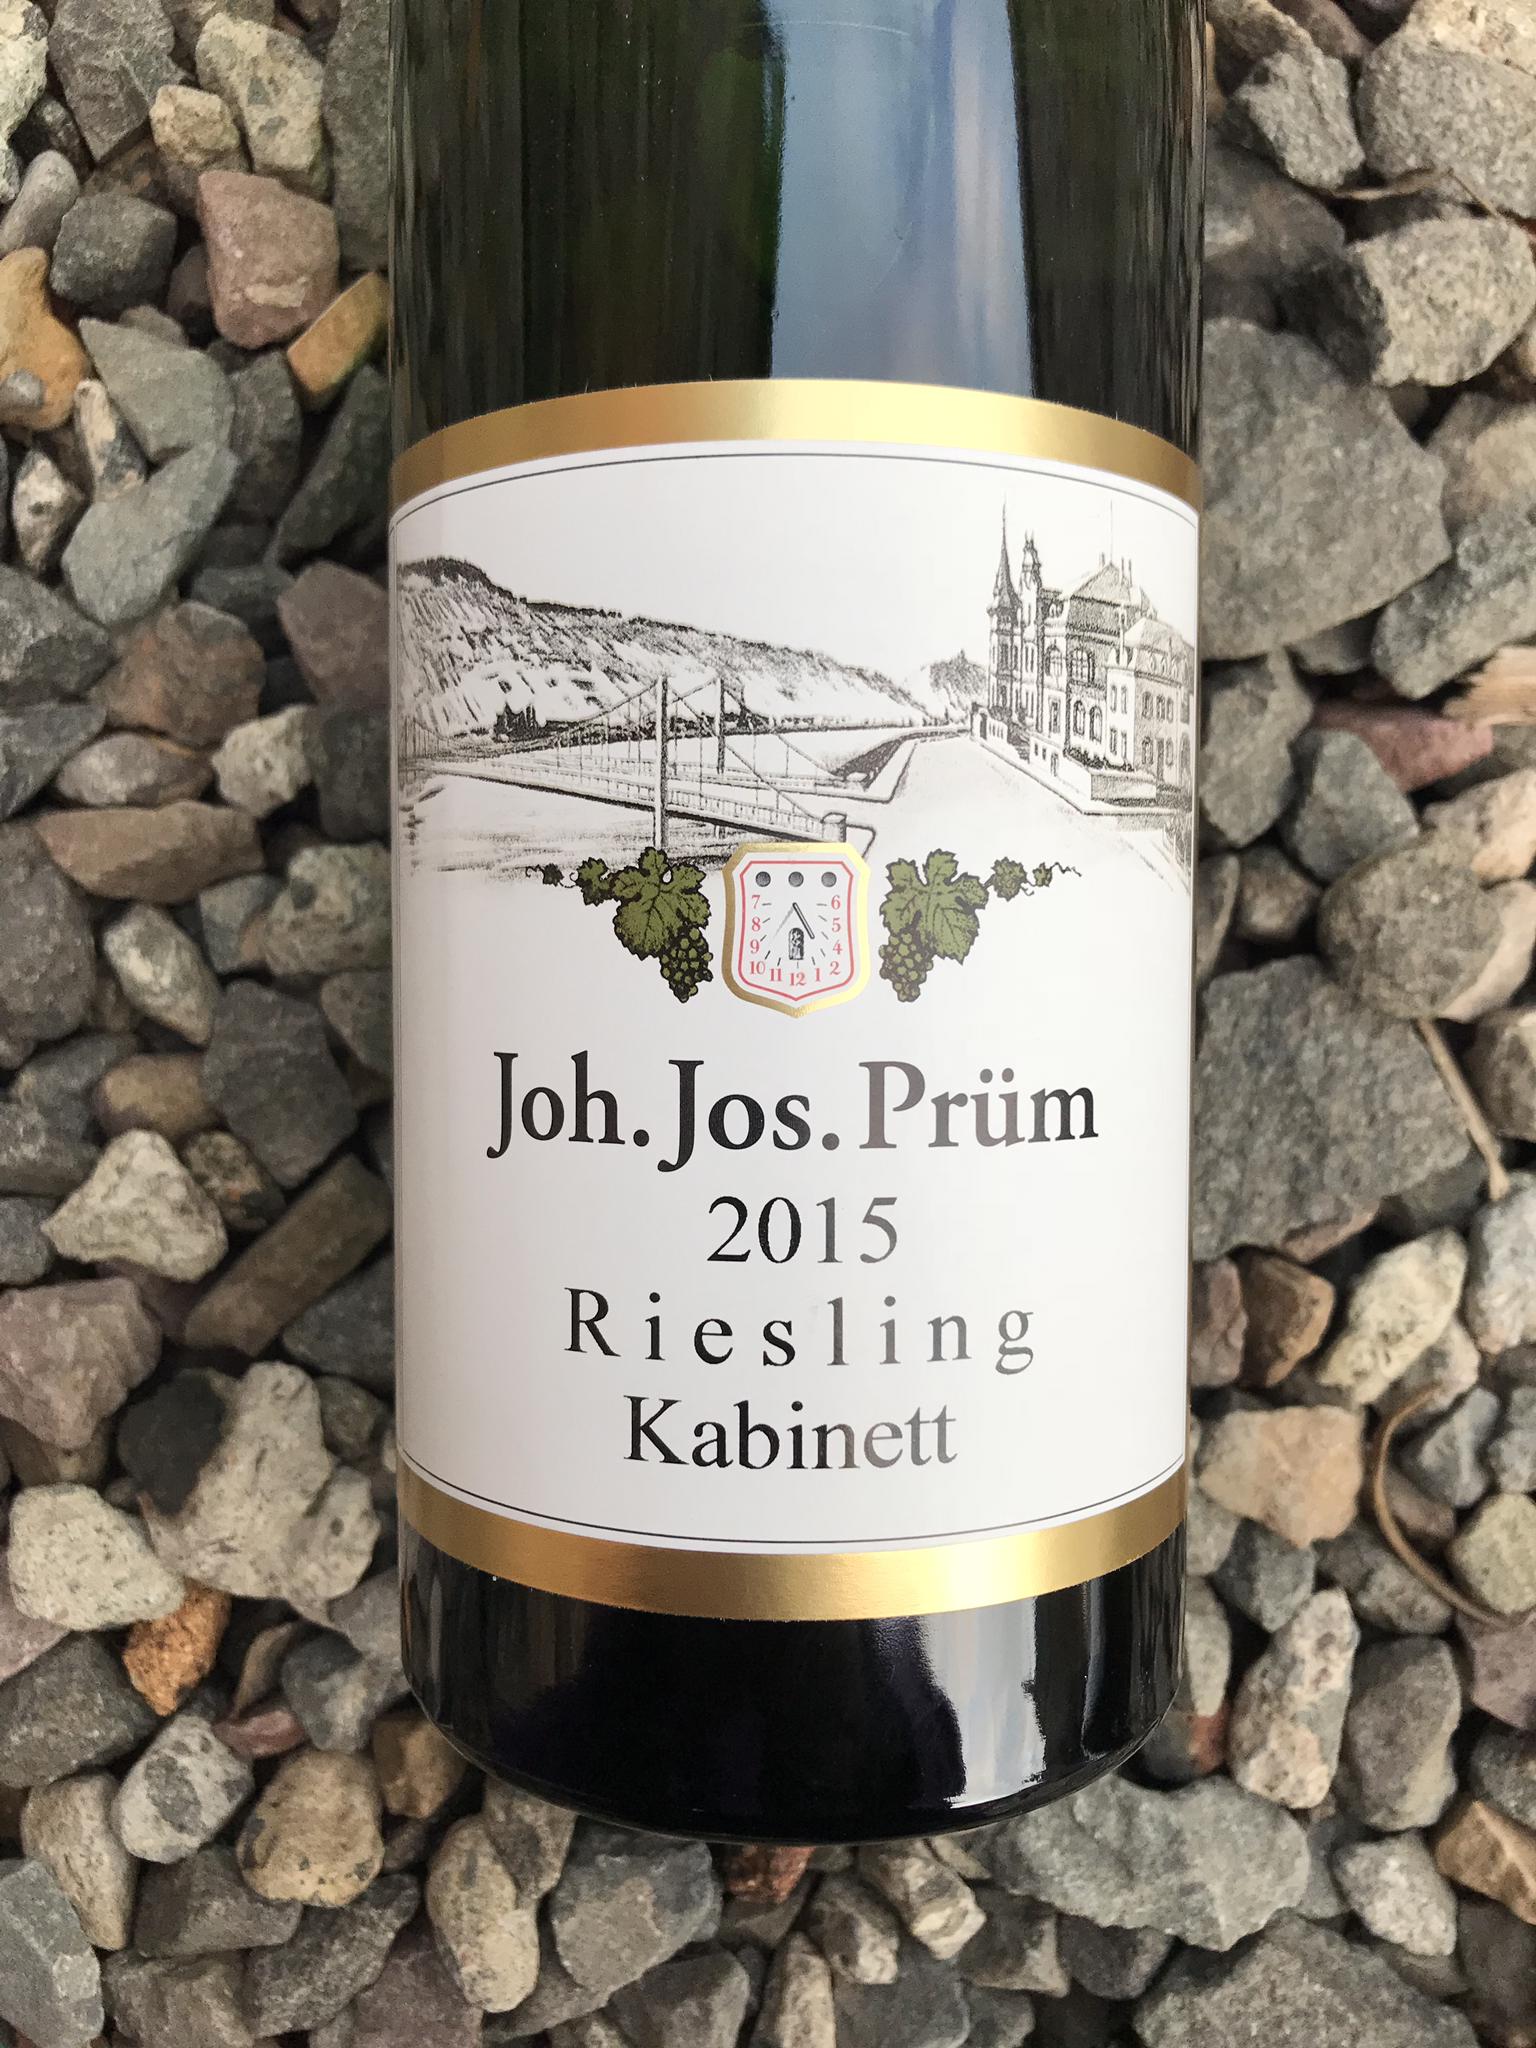 JJ Prum Riesling Kabinett 2015 00203